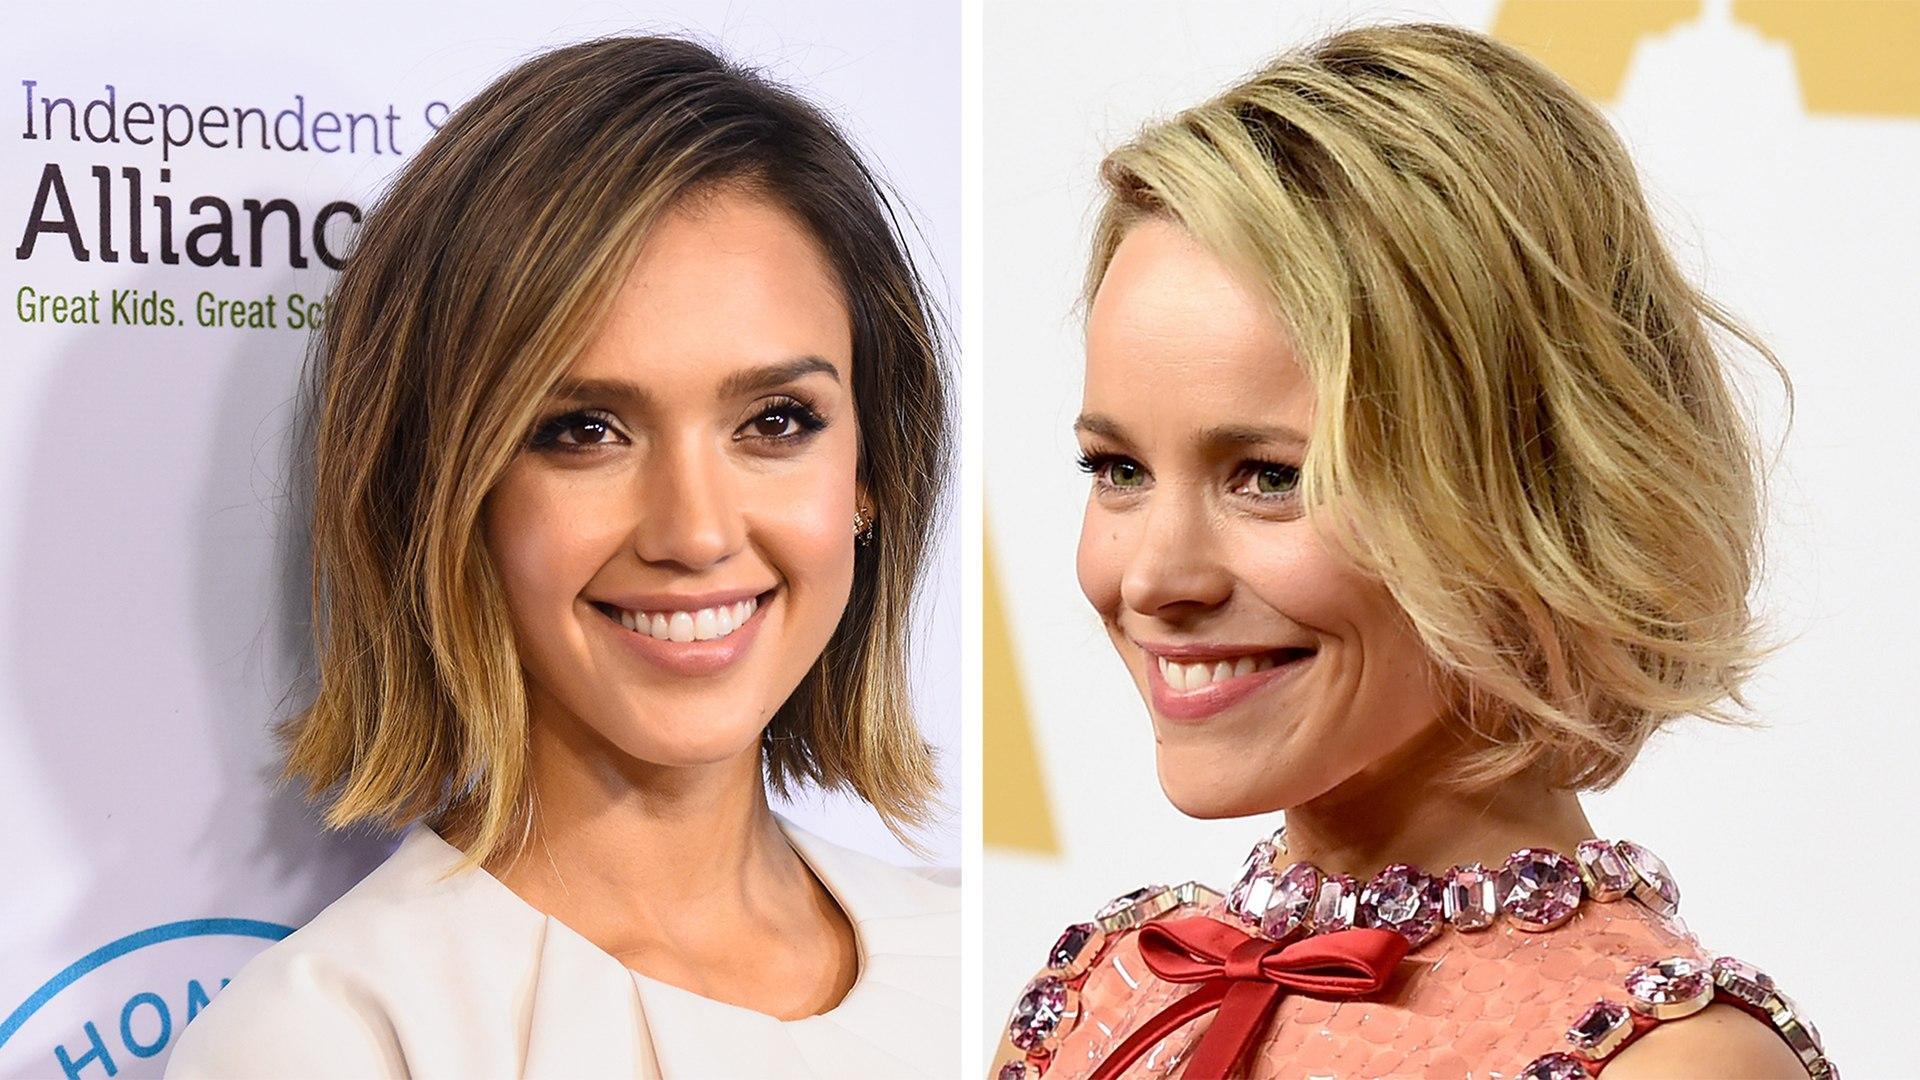 Astonishing Short Hairstyles For 2016 Celebrity Inspired Modern Haircuts Short Hairstyles For Black Women Fulllsitofus